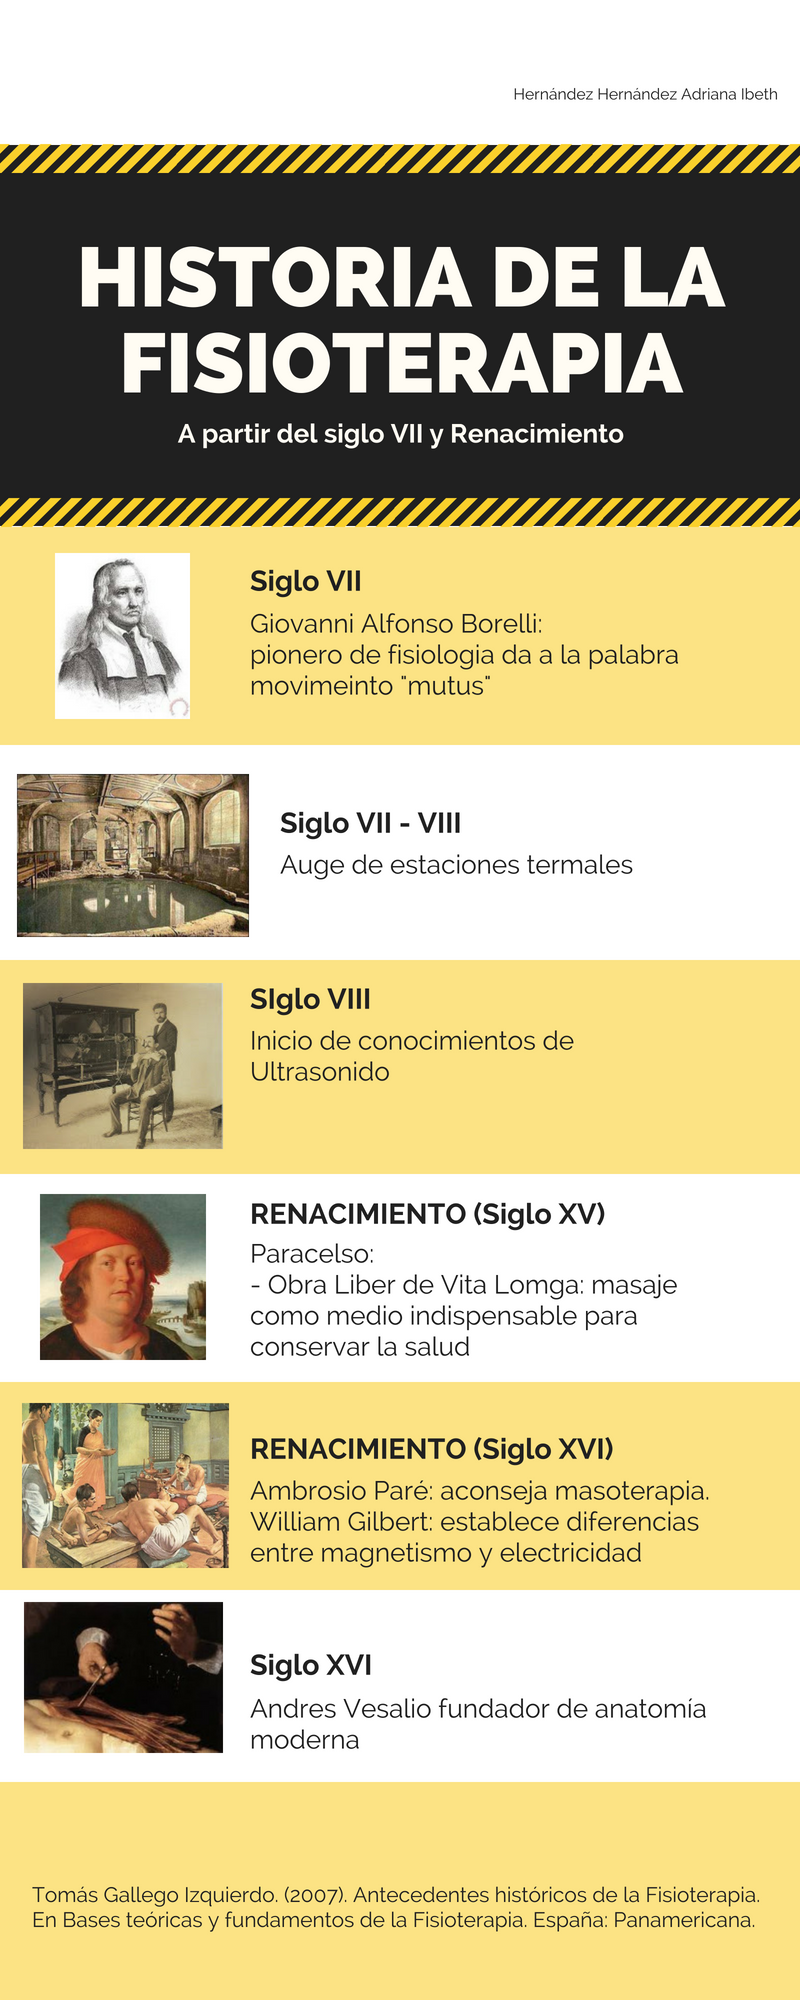 Pin de Fisio Somos en Historia de la fisioterapia | Pinterest ...